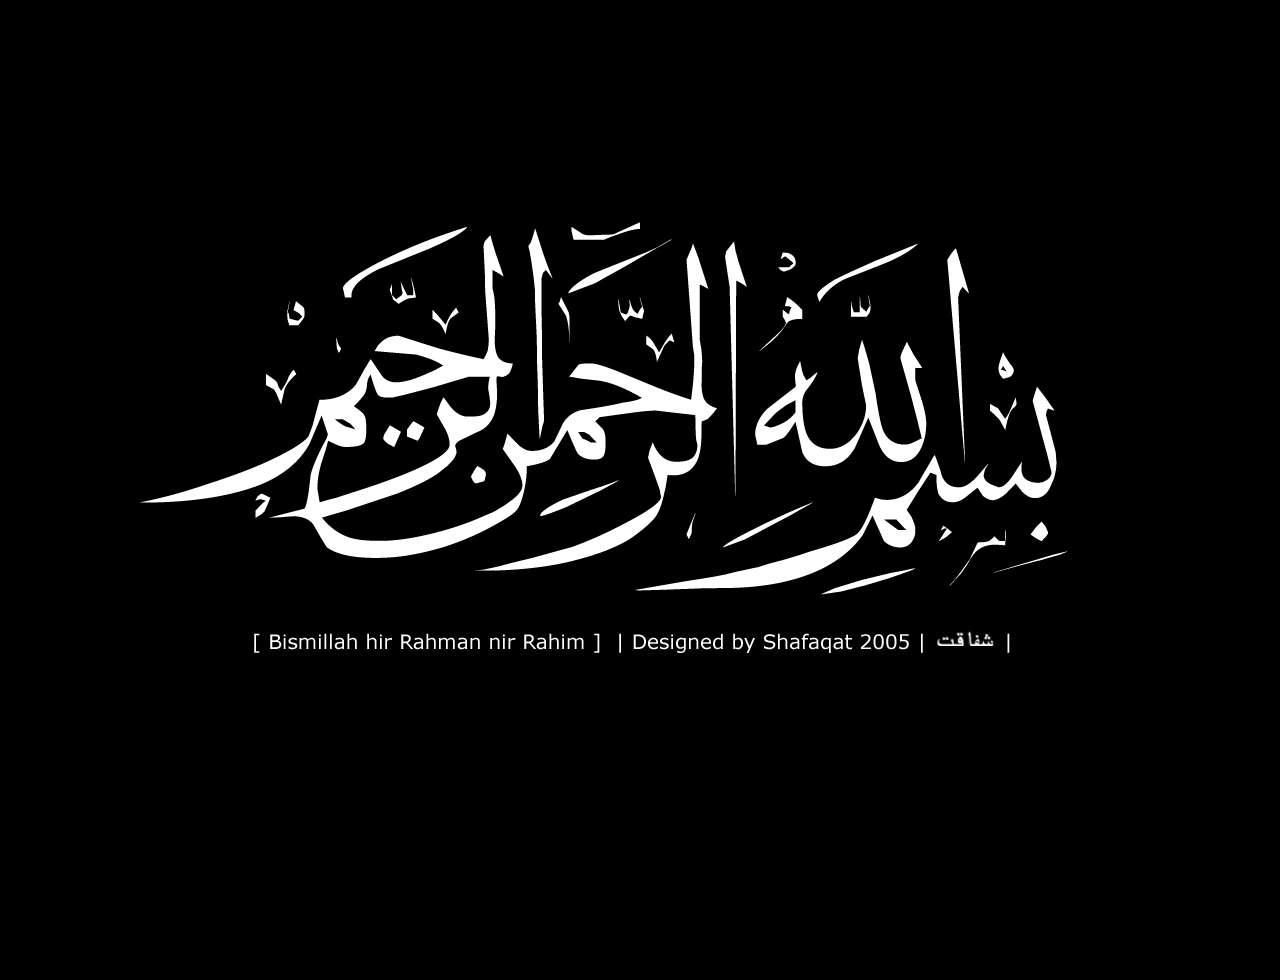 بالصور خلفيات اسلامية رائعة لسطح المكتب 20160711 113